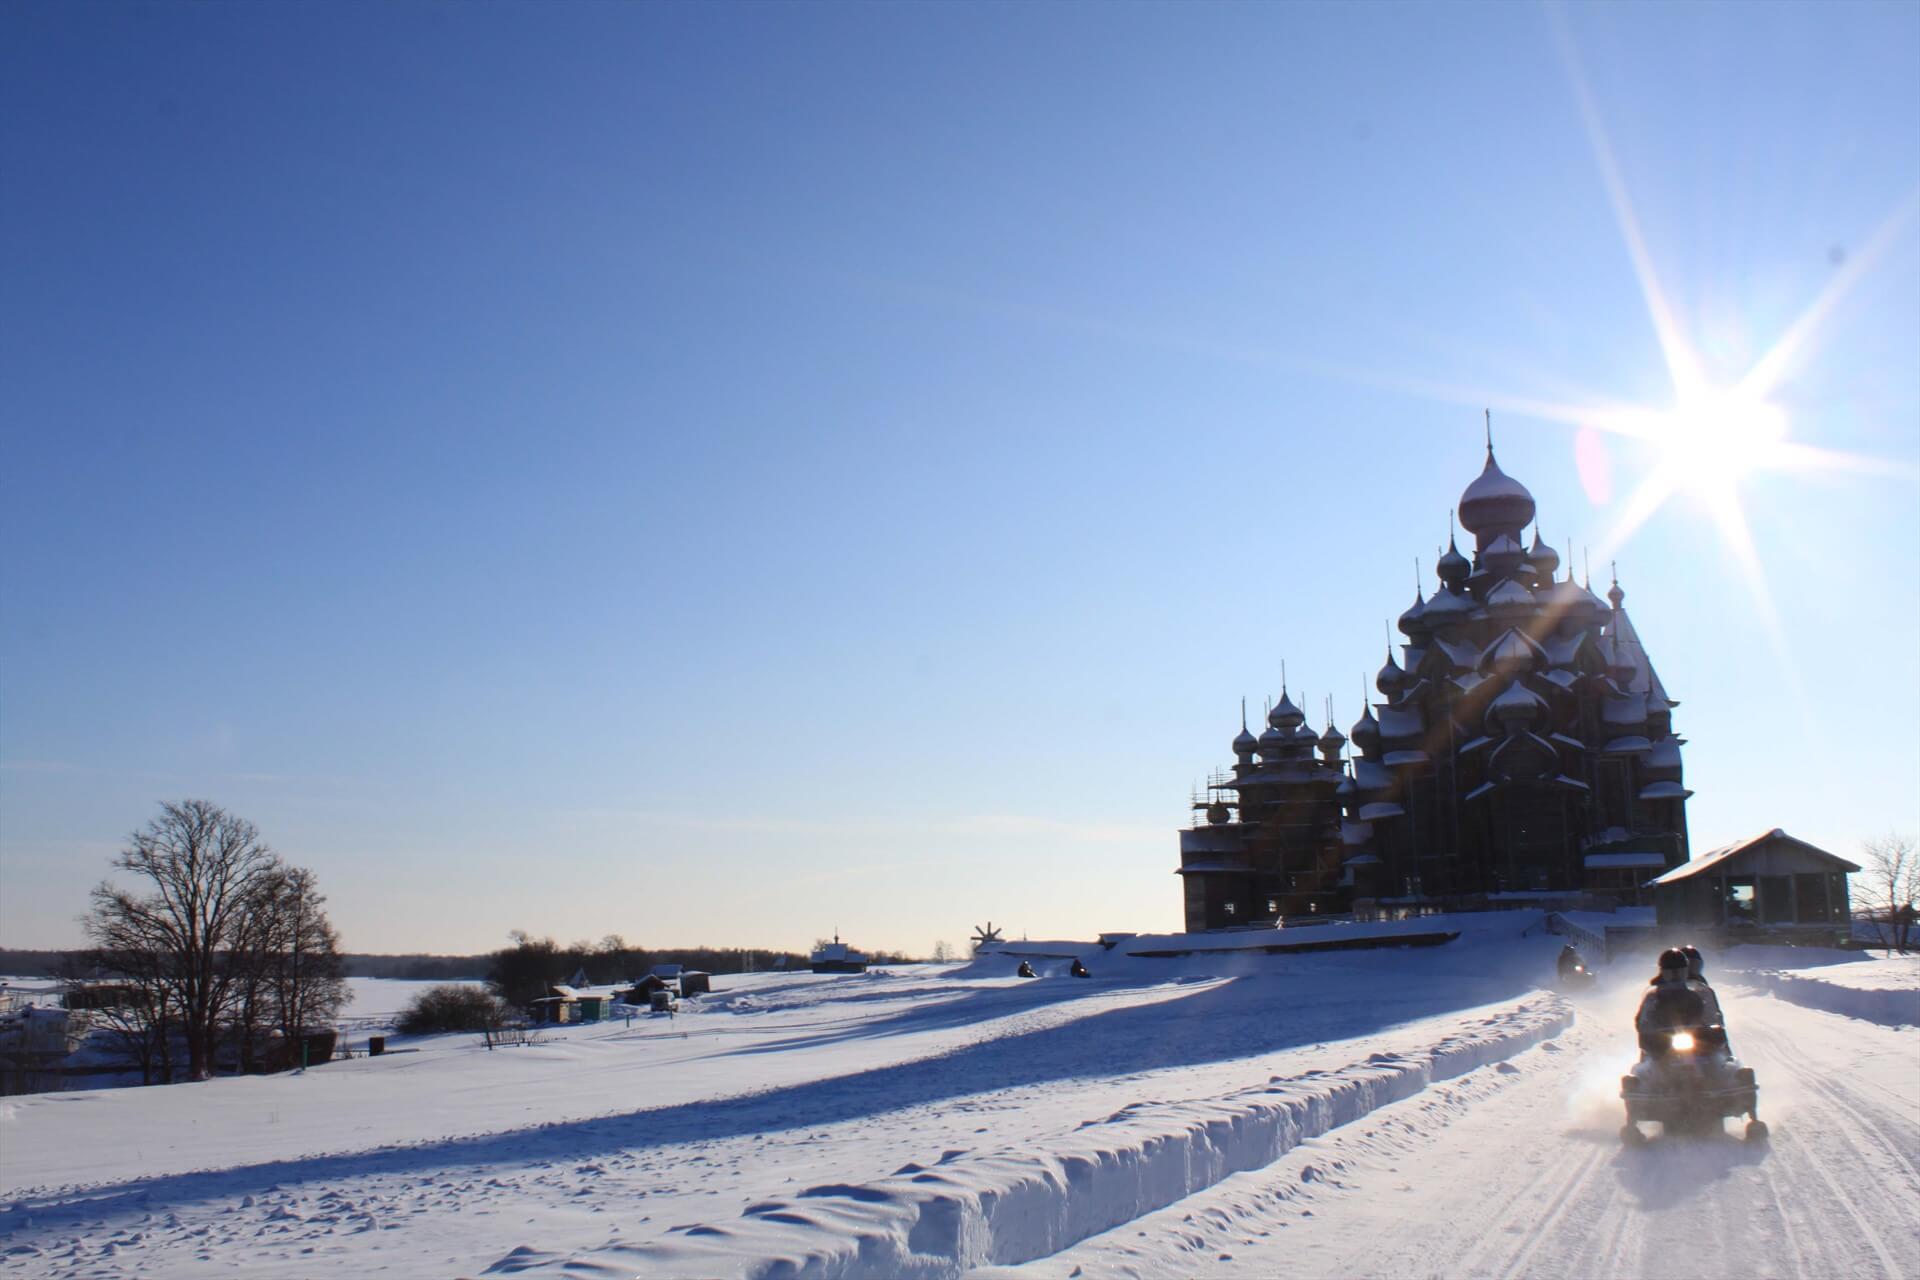 Зимние забавы в Карелии - тур на 3 дня по маршруту Кижи - Кивач -  Петрозаводск. Описание экскурсии, цены и отзывы.